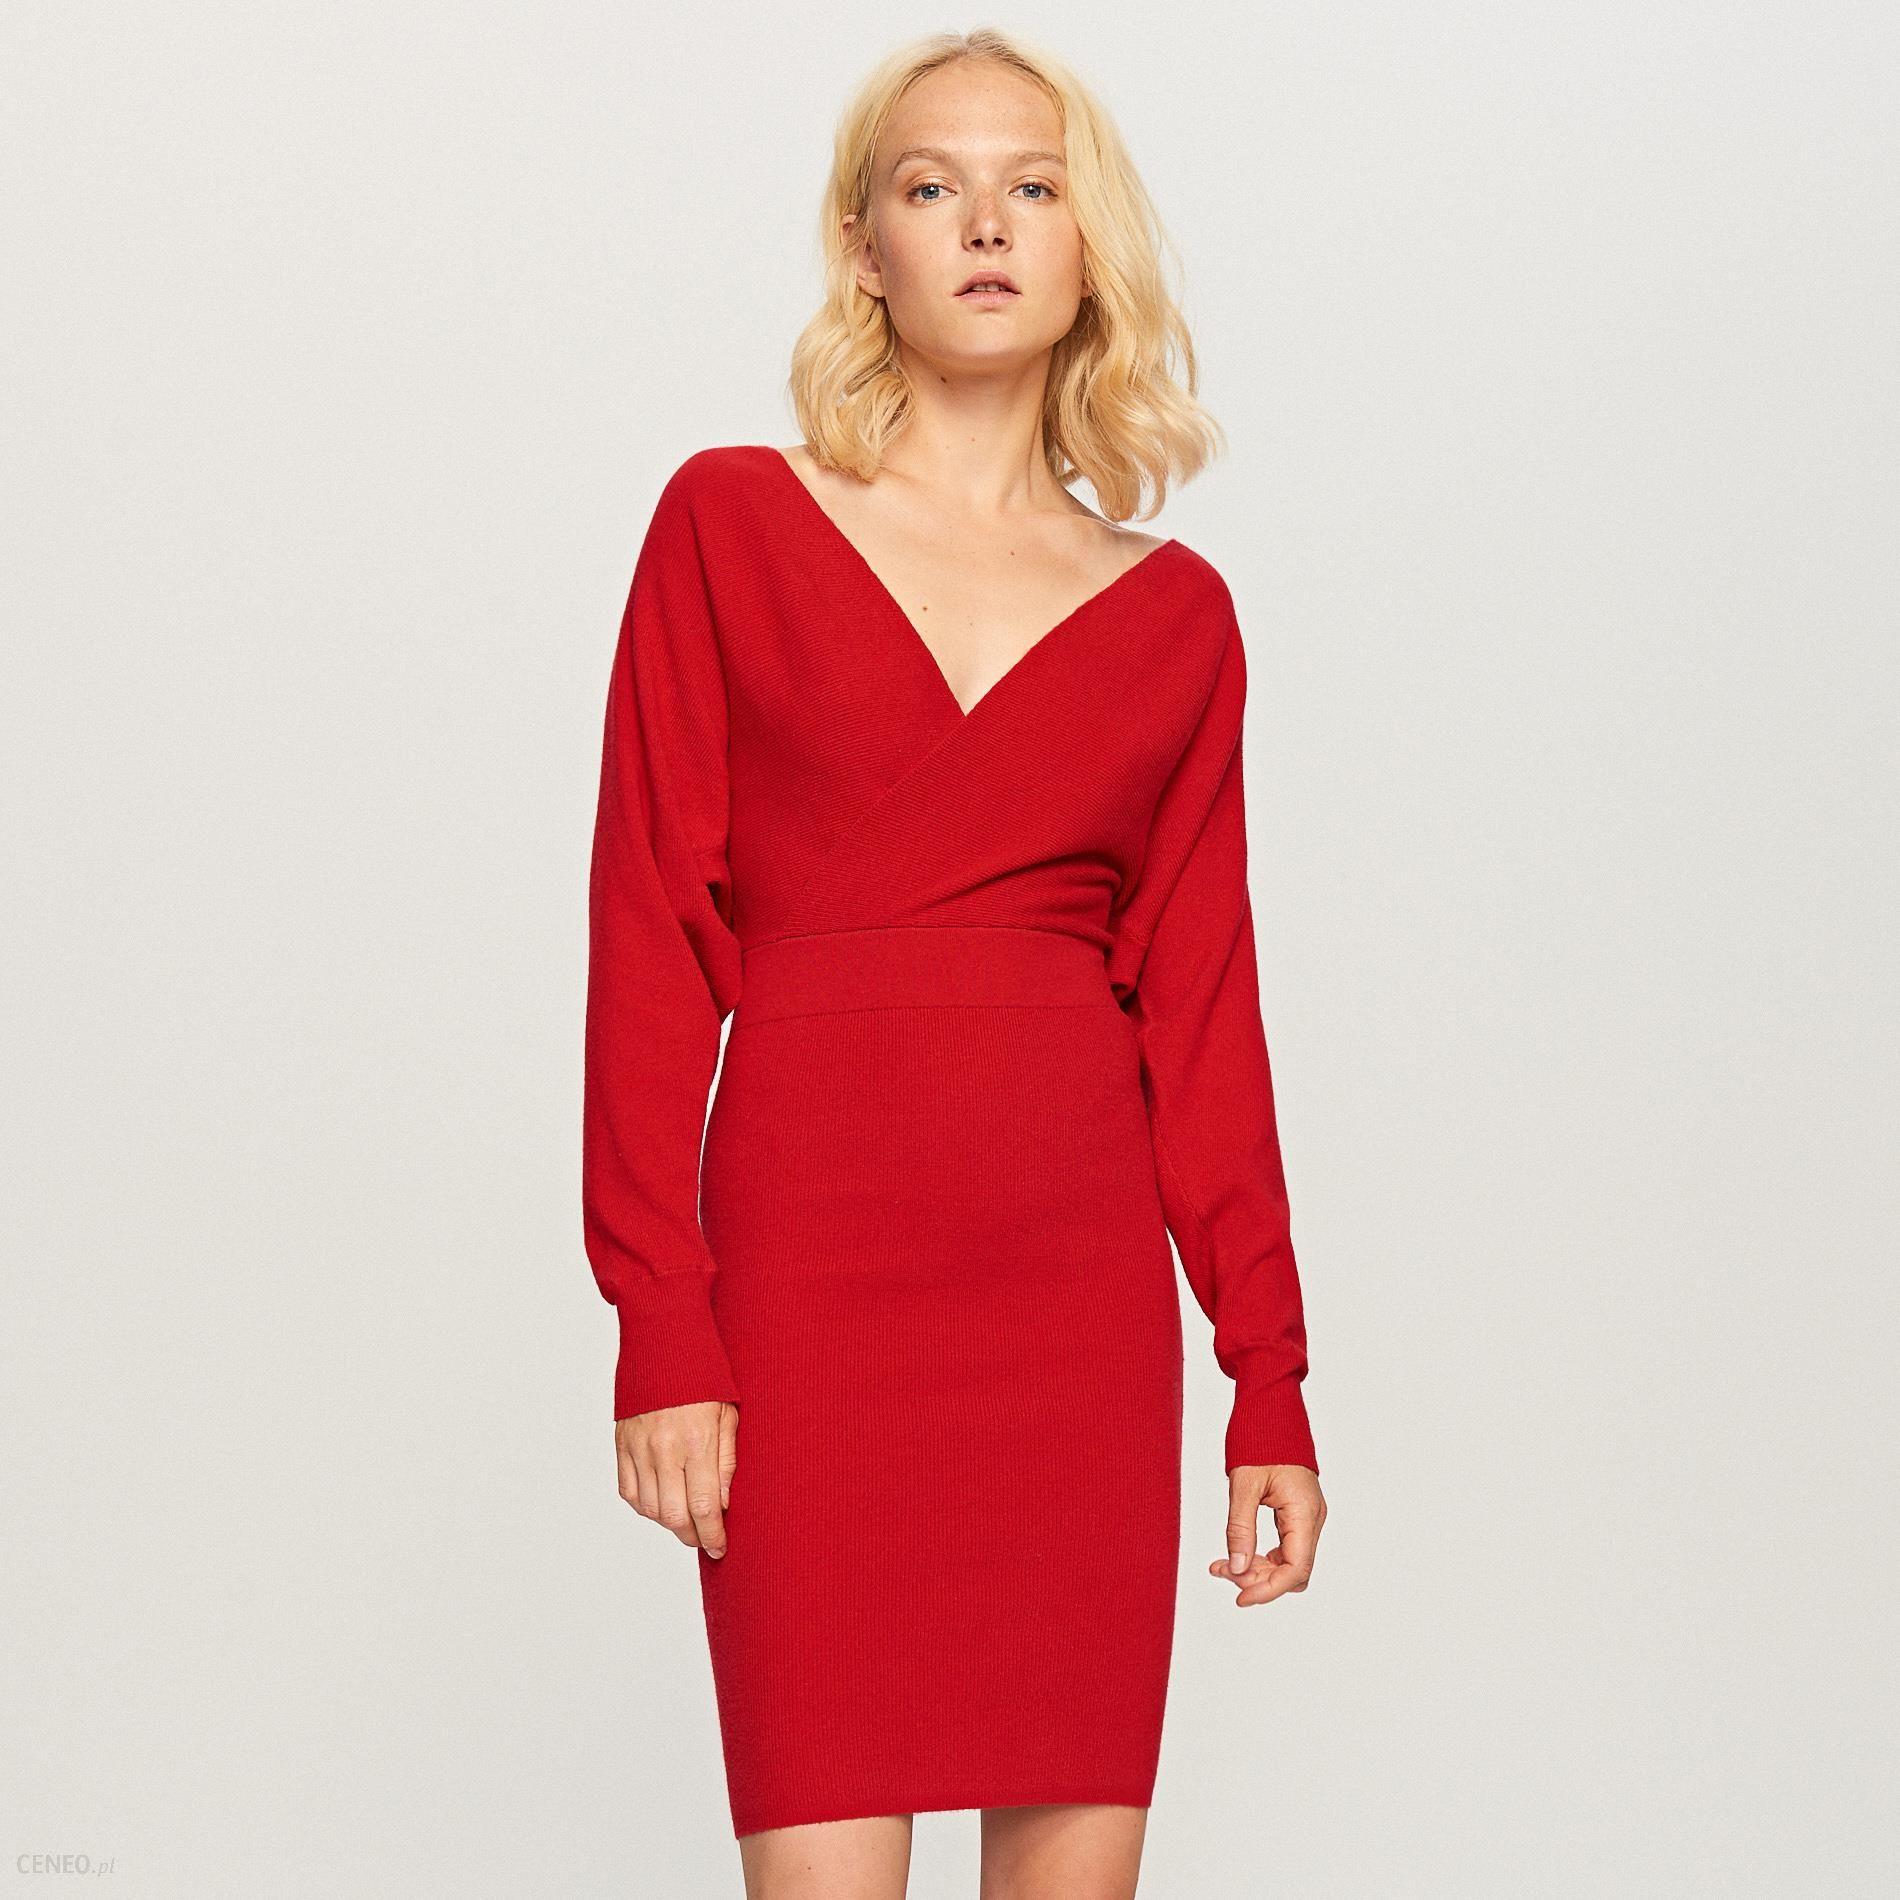 455cb89a78 Reserved - Dzianinowa sukienka - Czerwony - Ceny i opinie - Ceneo.pl